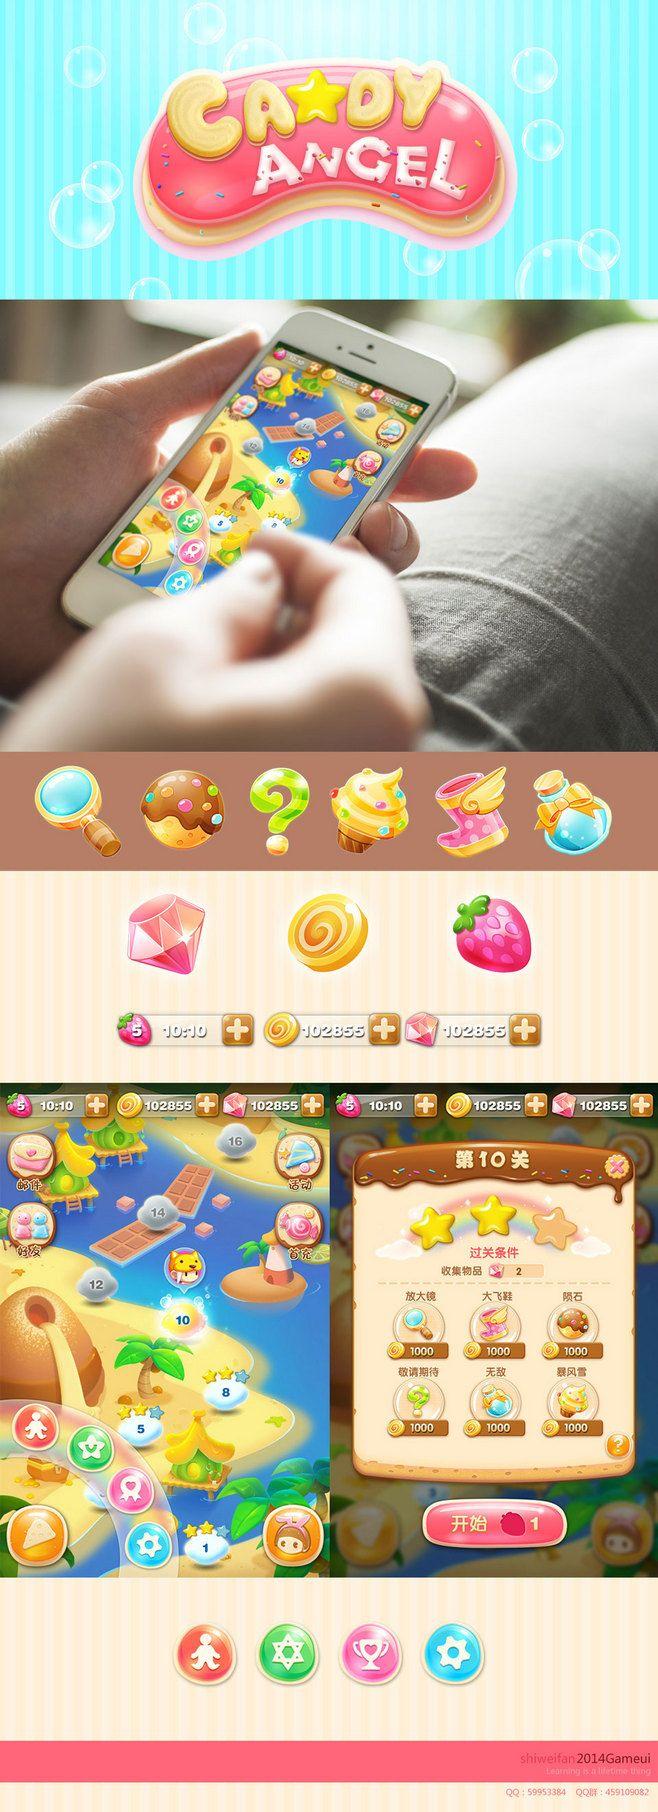 可爱糖果手机游戏界面 |GAMEUI- ...